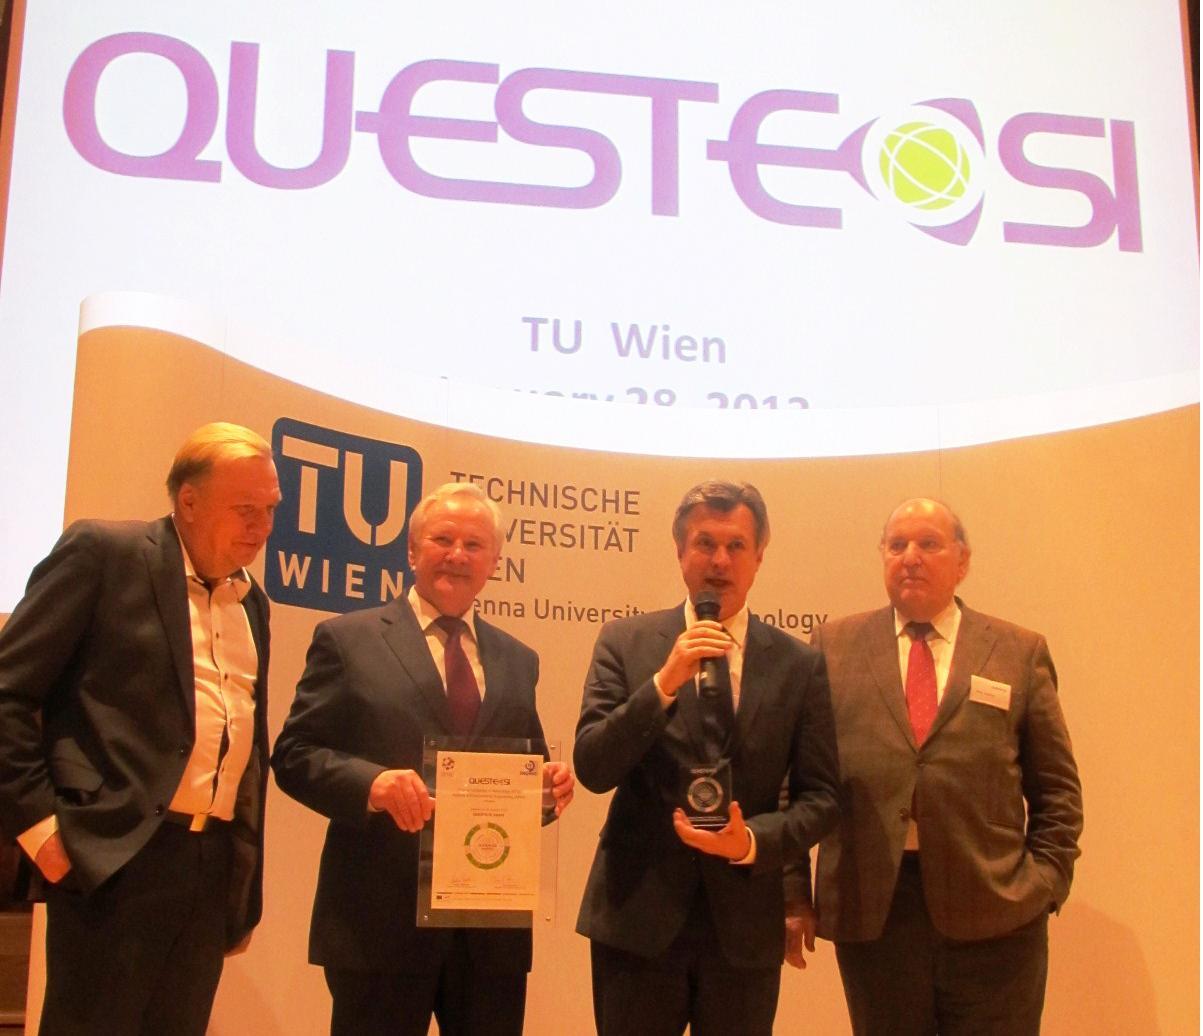 Viduryje iš kairės: APINI direktorius prof. Jurgis Staniškis, prof. Sigitas Stanys | ktu.lt nuotr.